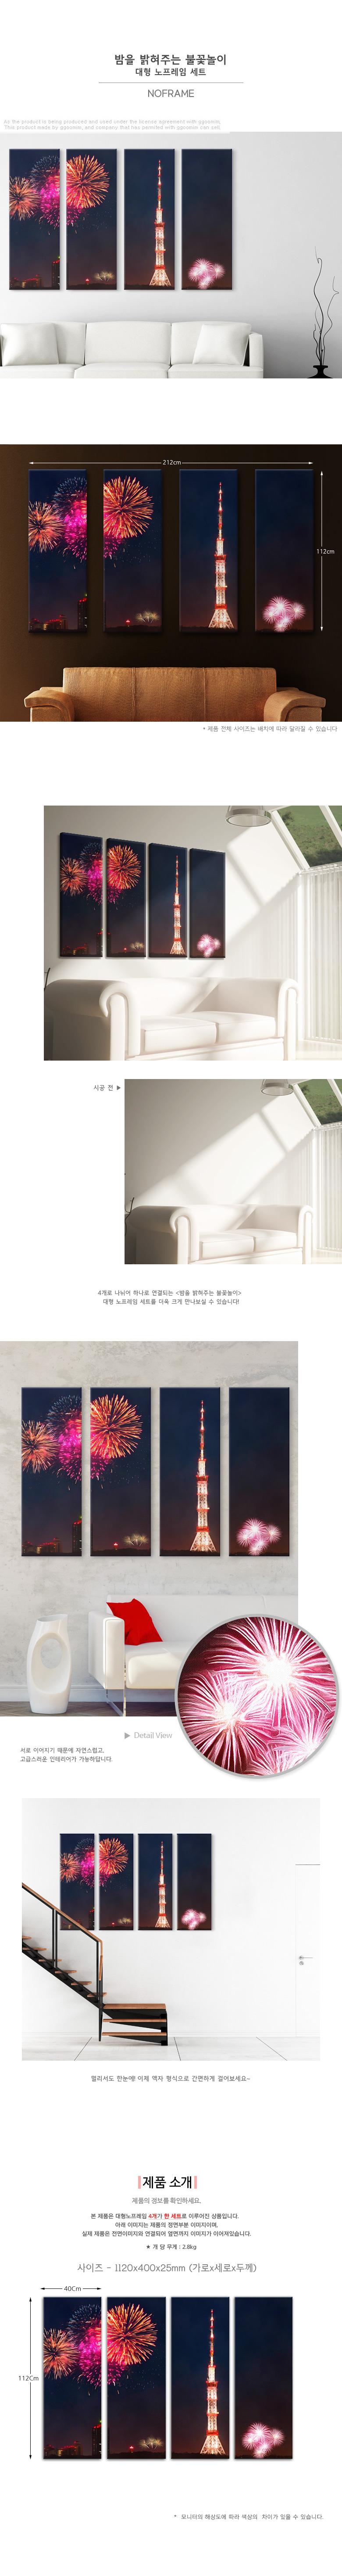 밤을밝혀주는불꽃놀이_대형노프레임세트 - 꾸밈, 248,000원, 홈갤러리, 사진아트